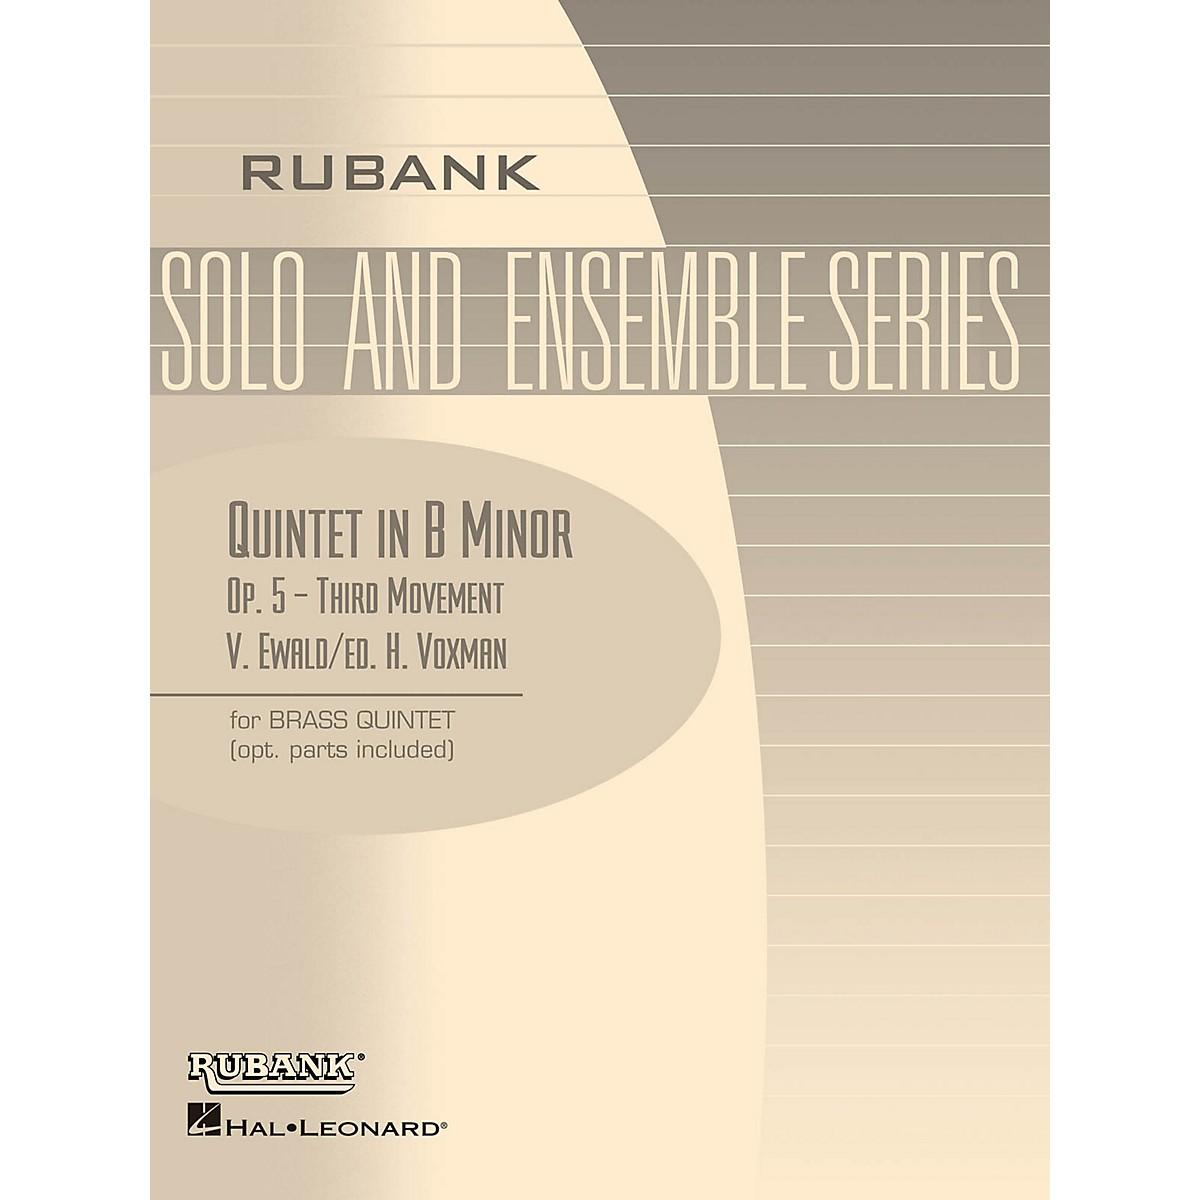 Rubank Publications Quintet in B Minor, Op. 5 - Third Movement (Brass Quintet - Grade 5) Rubank Solo/Ensemble Sheet Series